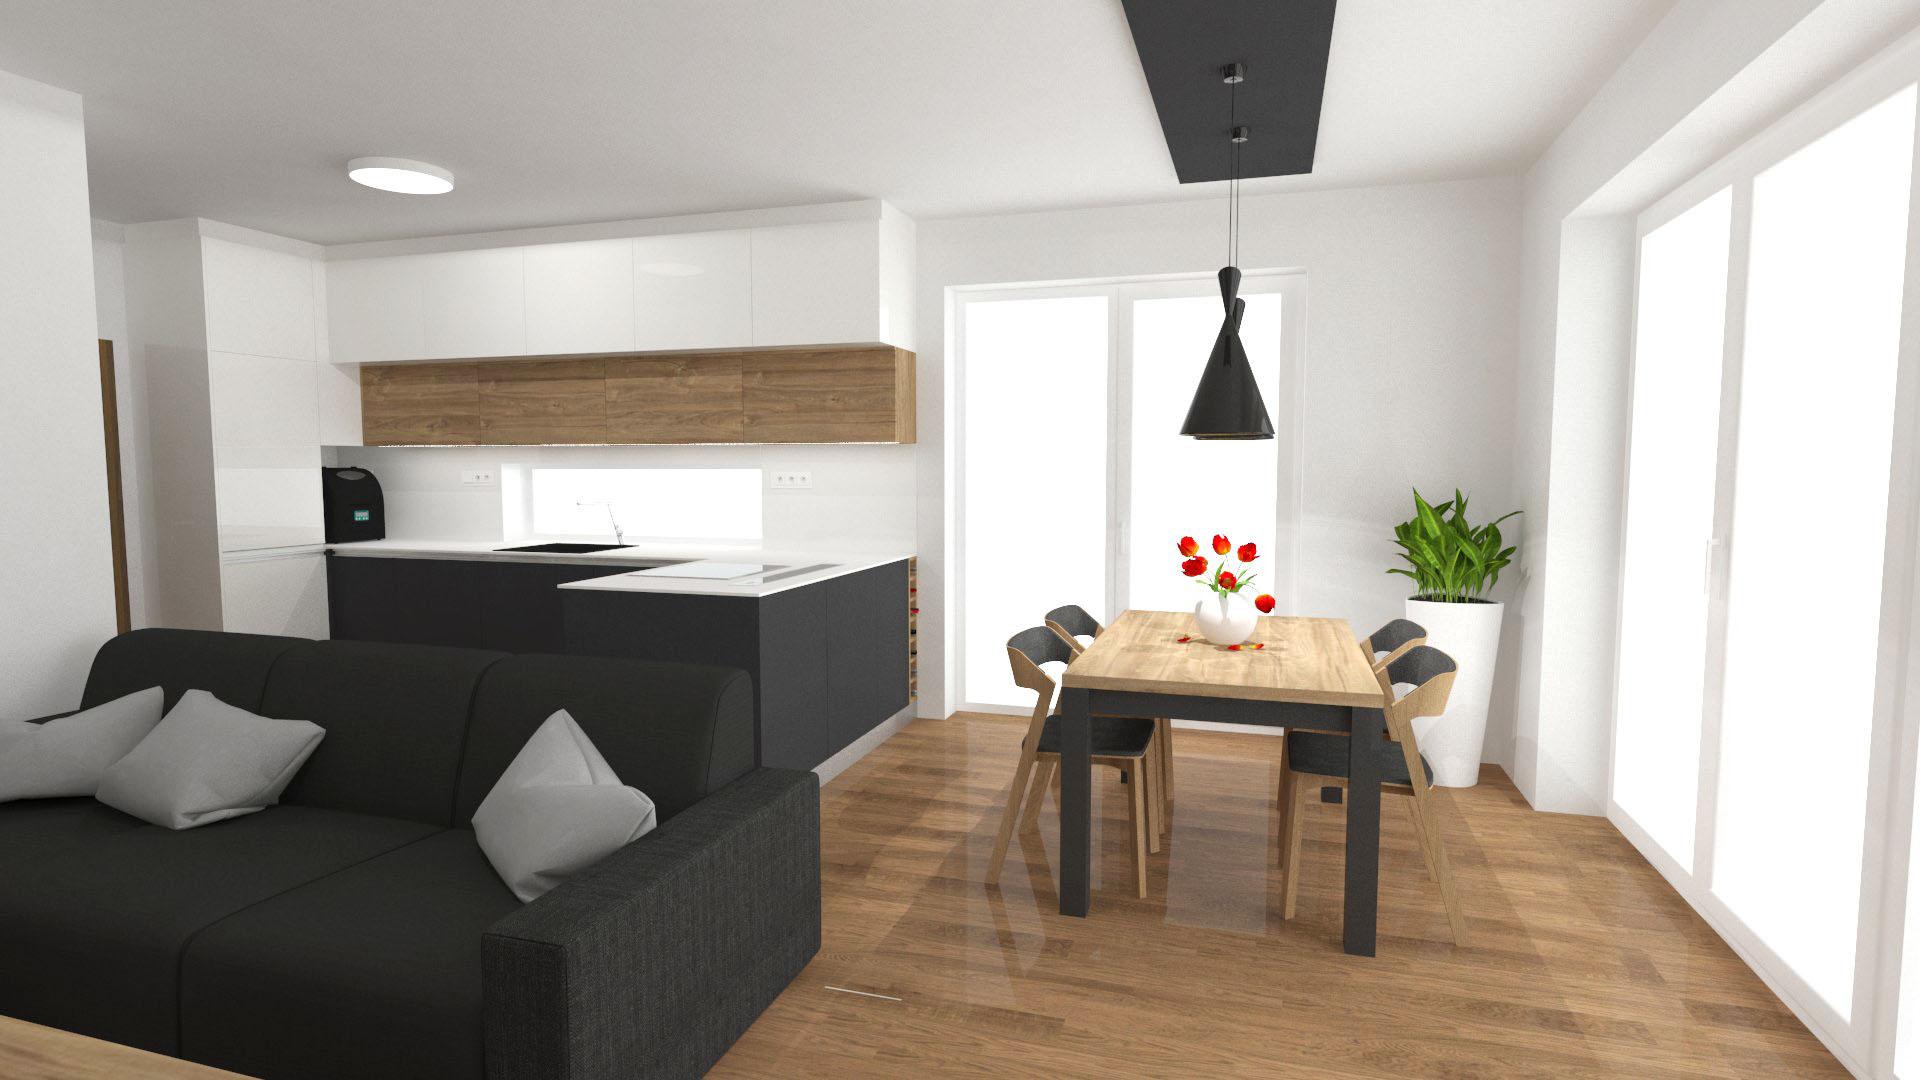 Kuchyně - Bílá vysoký lesk, antracit, dub Kanvas přírodní.